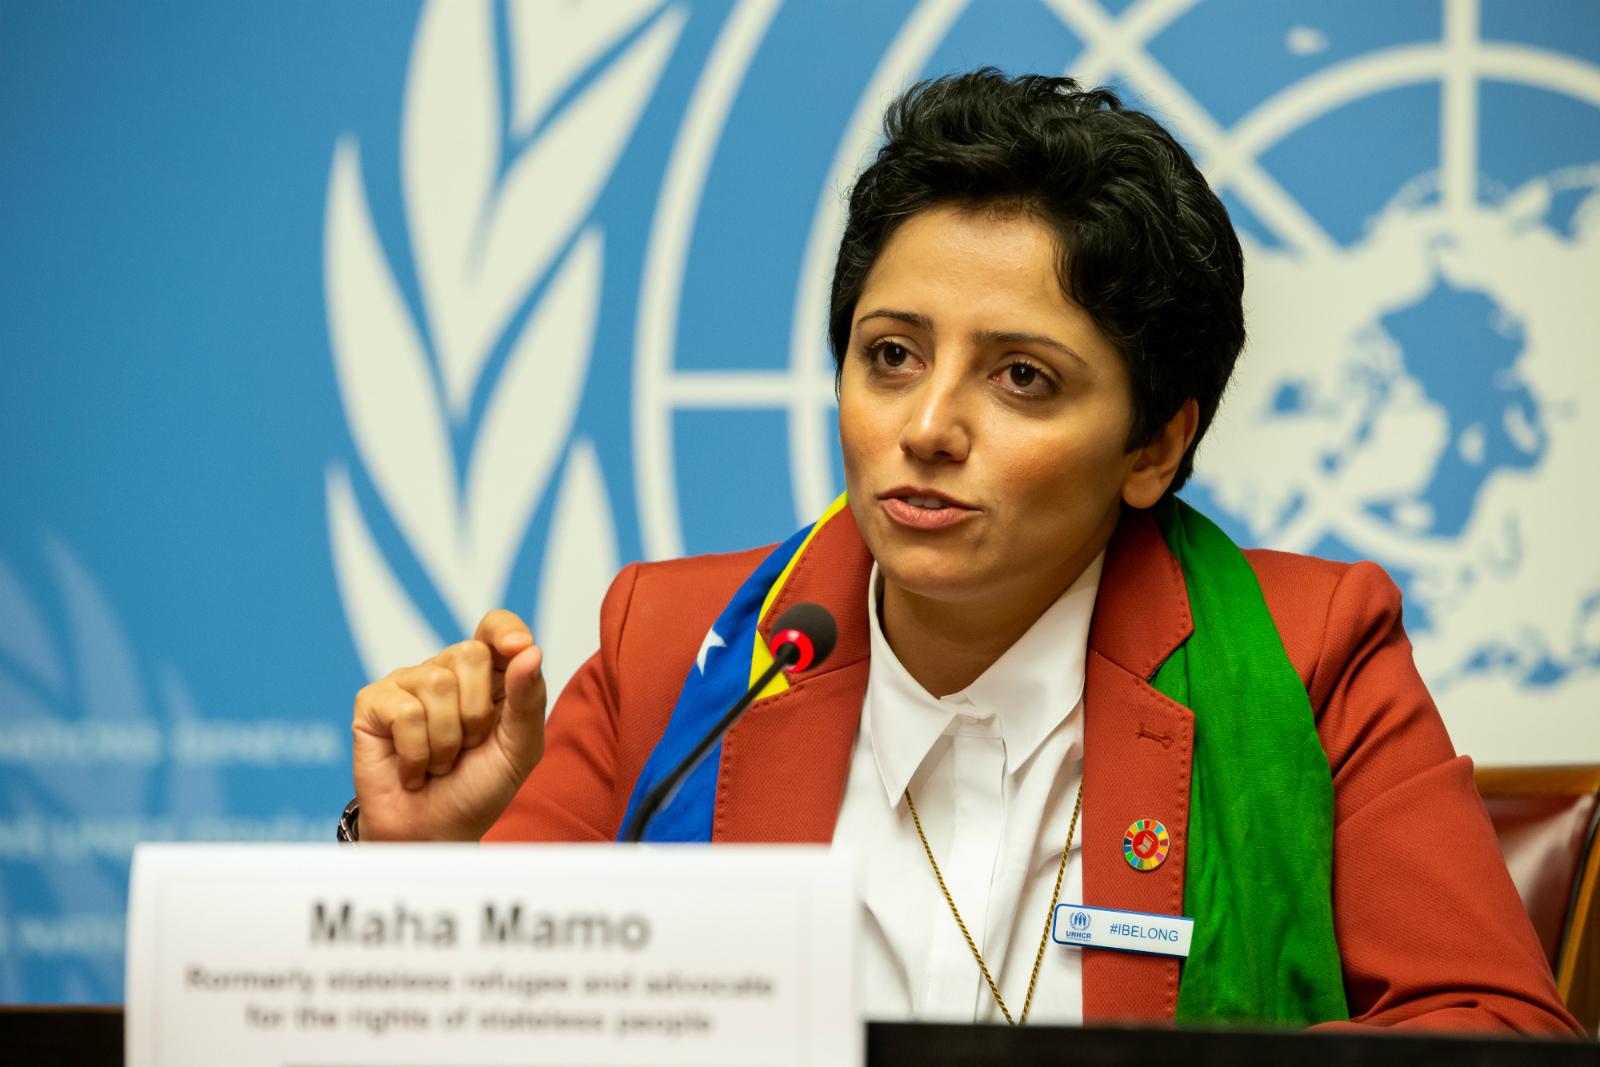 """El drama de """"no existir"""", la lucha que venció Maha Mamo"""